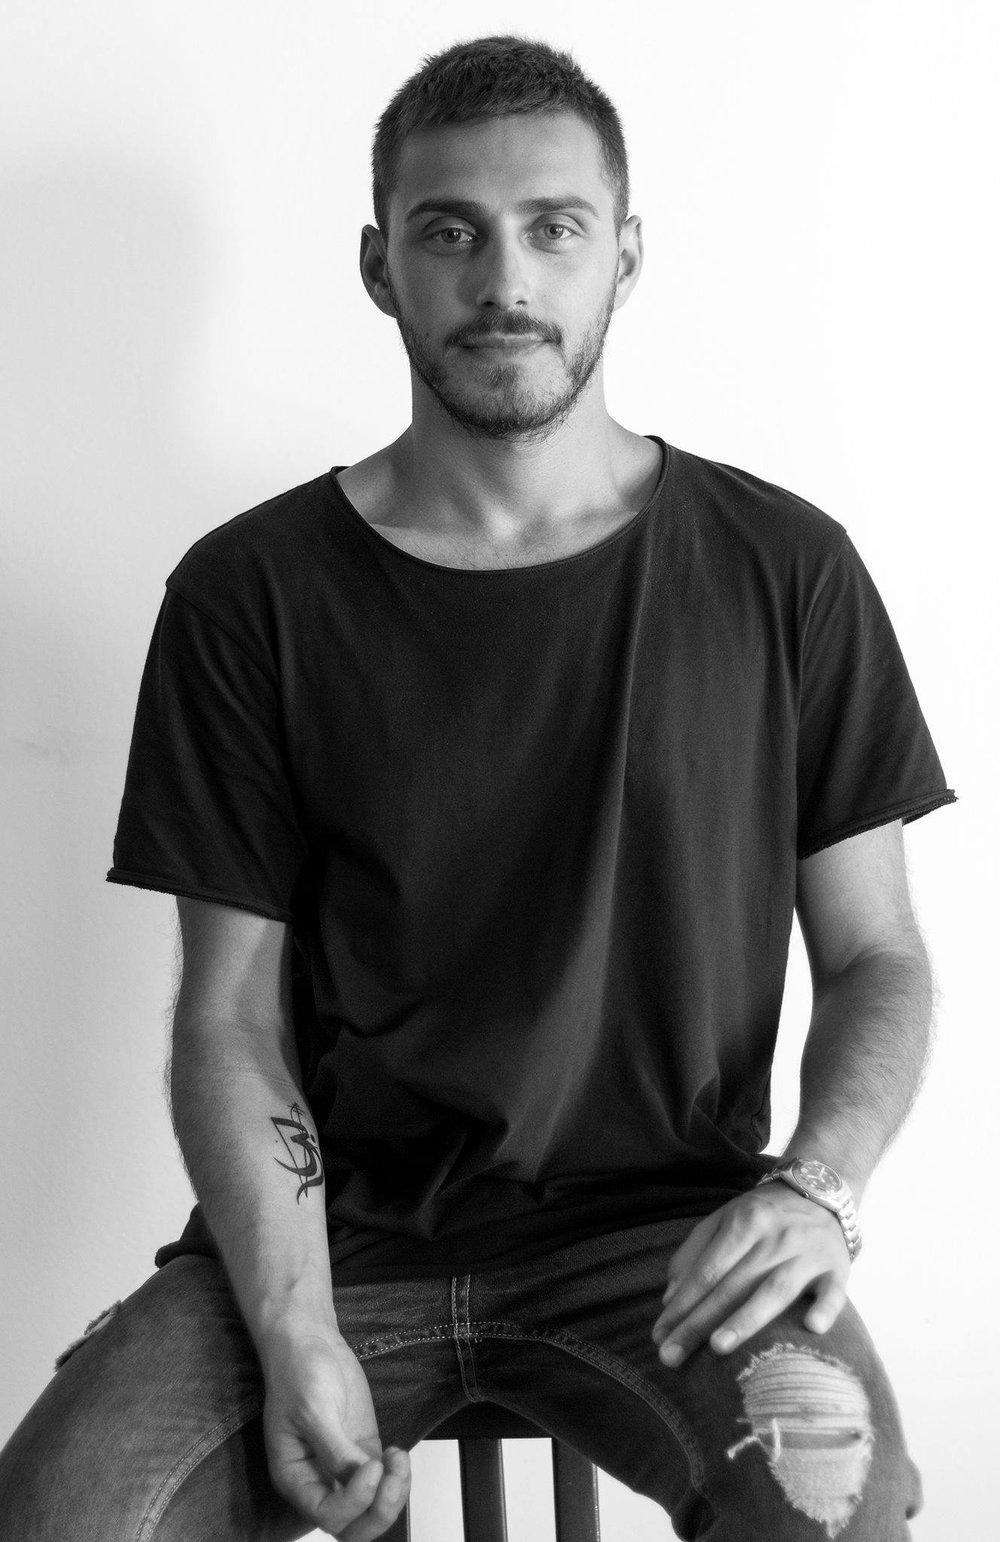 Antonij Karadzoski Antonij Karadzoski is een mensenrechtenactivist en kunstenaar uit Macedonië. Hij woont op dit moment in Amsterdam. Met zijn kunst ondersteunt hij de LHBT-gemeenschap. Als programmeur heeft Antonij vooral gelet op de artistieke benadering van de ingezonden films.